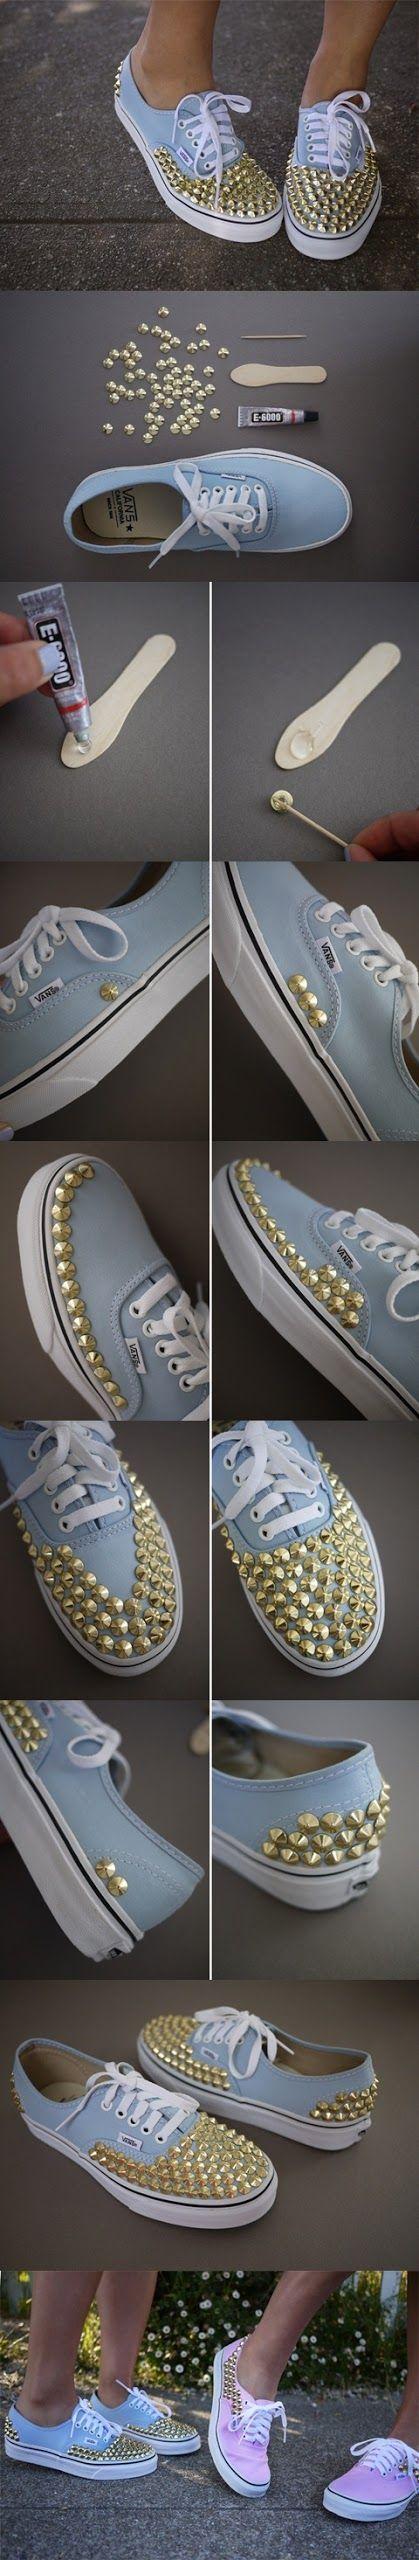 DIY spiked Sneakers